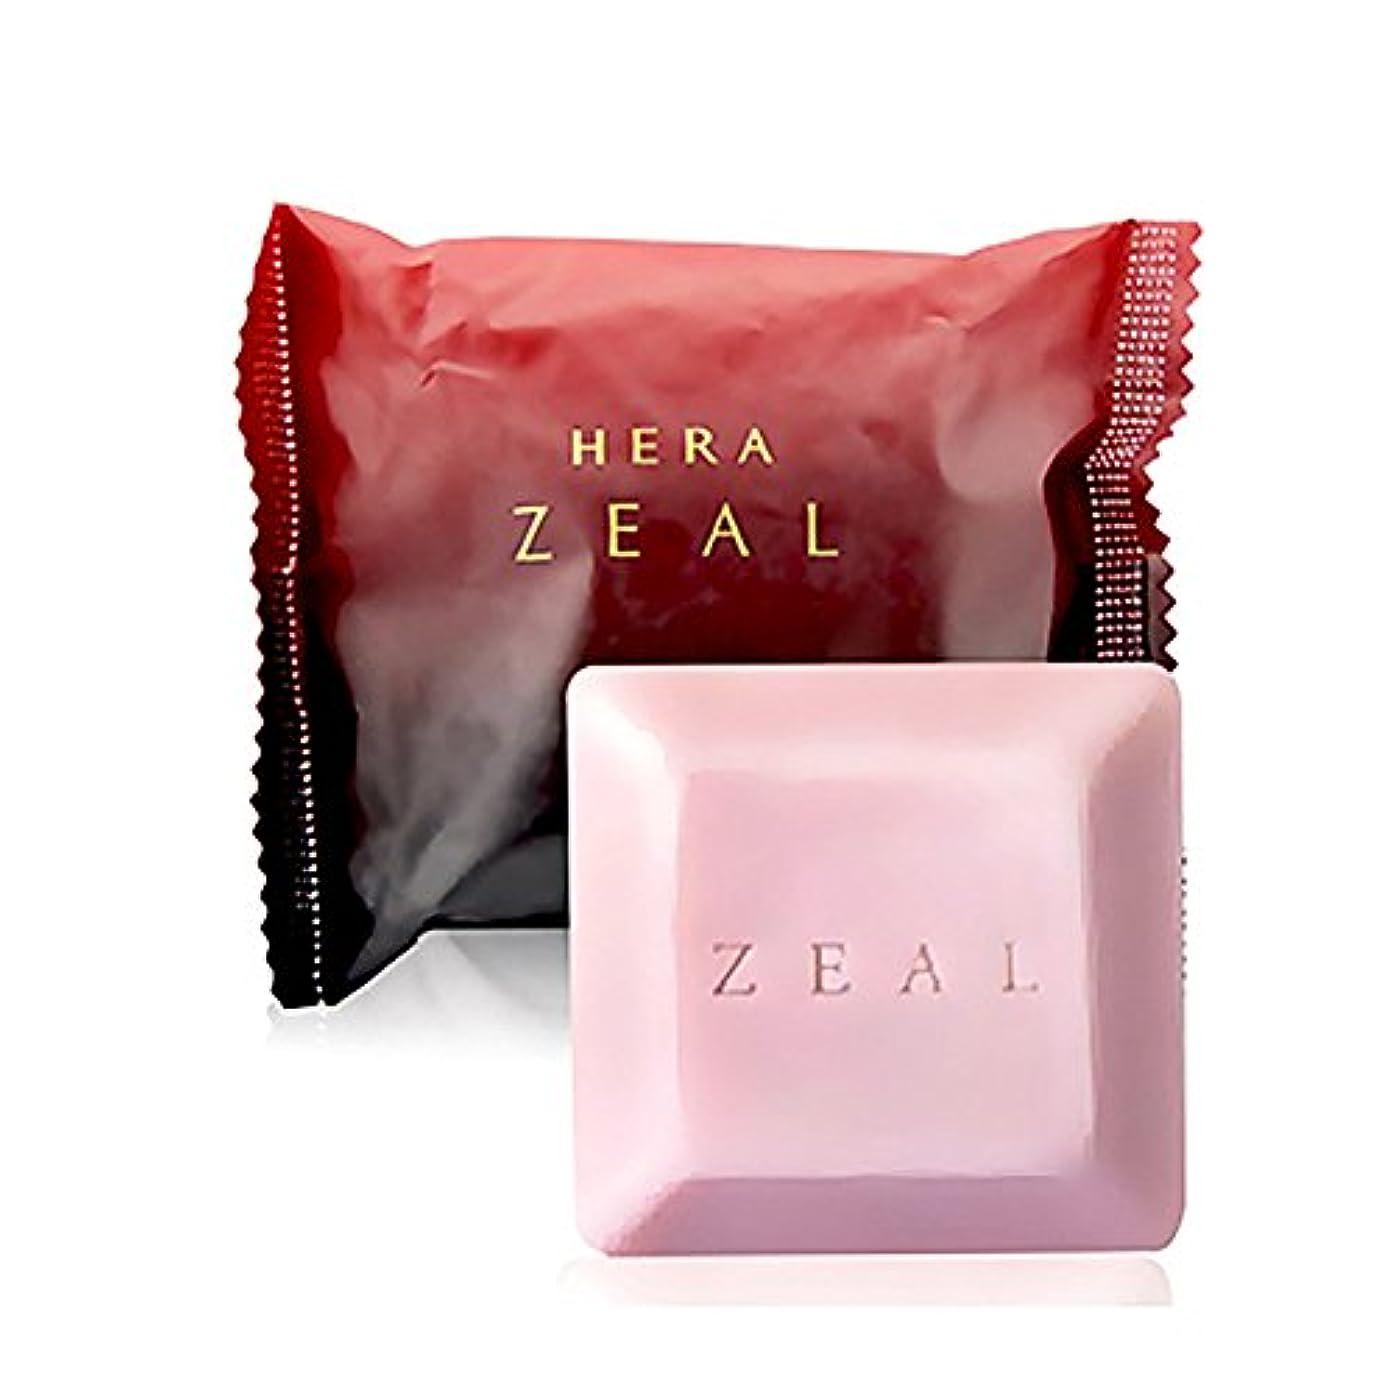 農民デュアル論争的HERA ZEAL 美容石鹸 60gソープ/Hera Zeal Organic Perfumed Soap